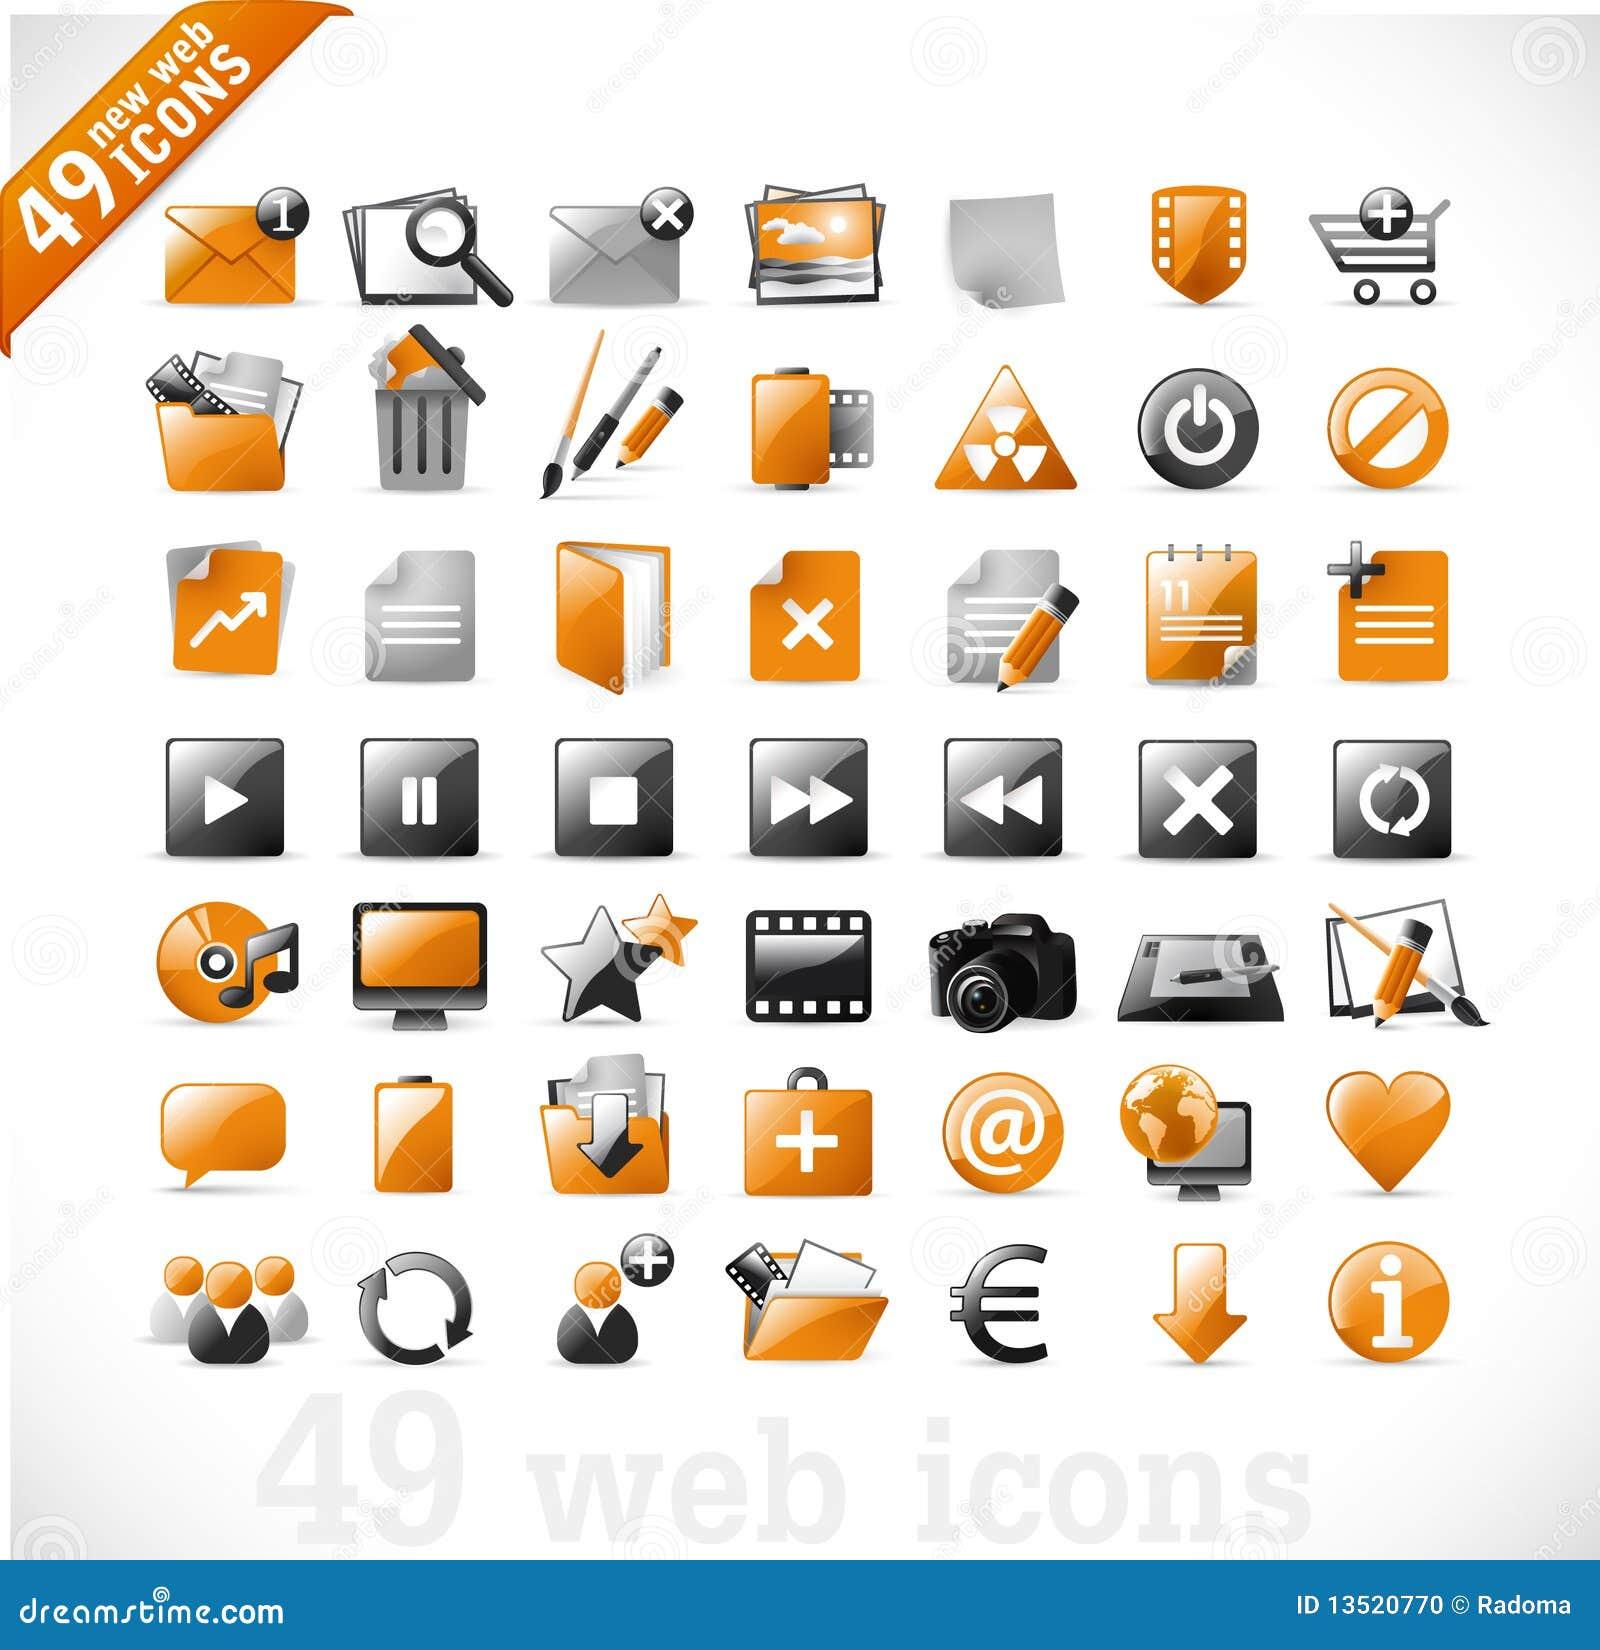 2 ikon mutimedia nowa pomarańczowa sieć